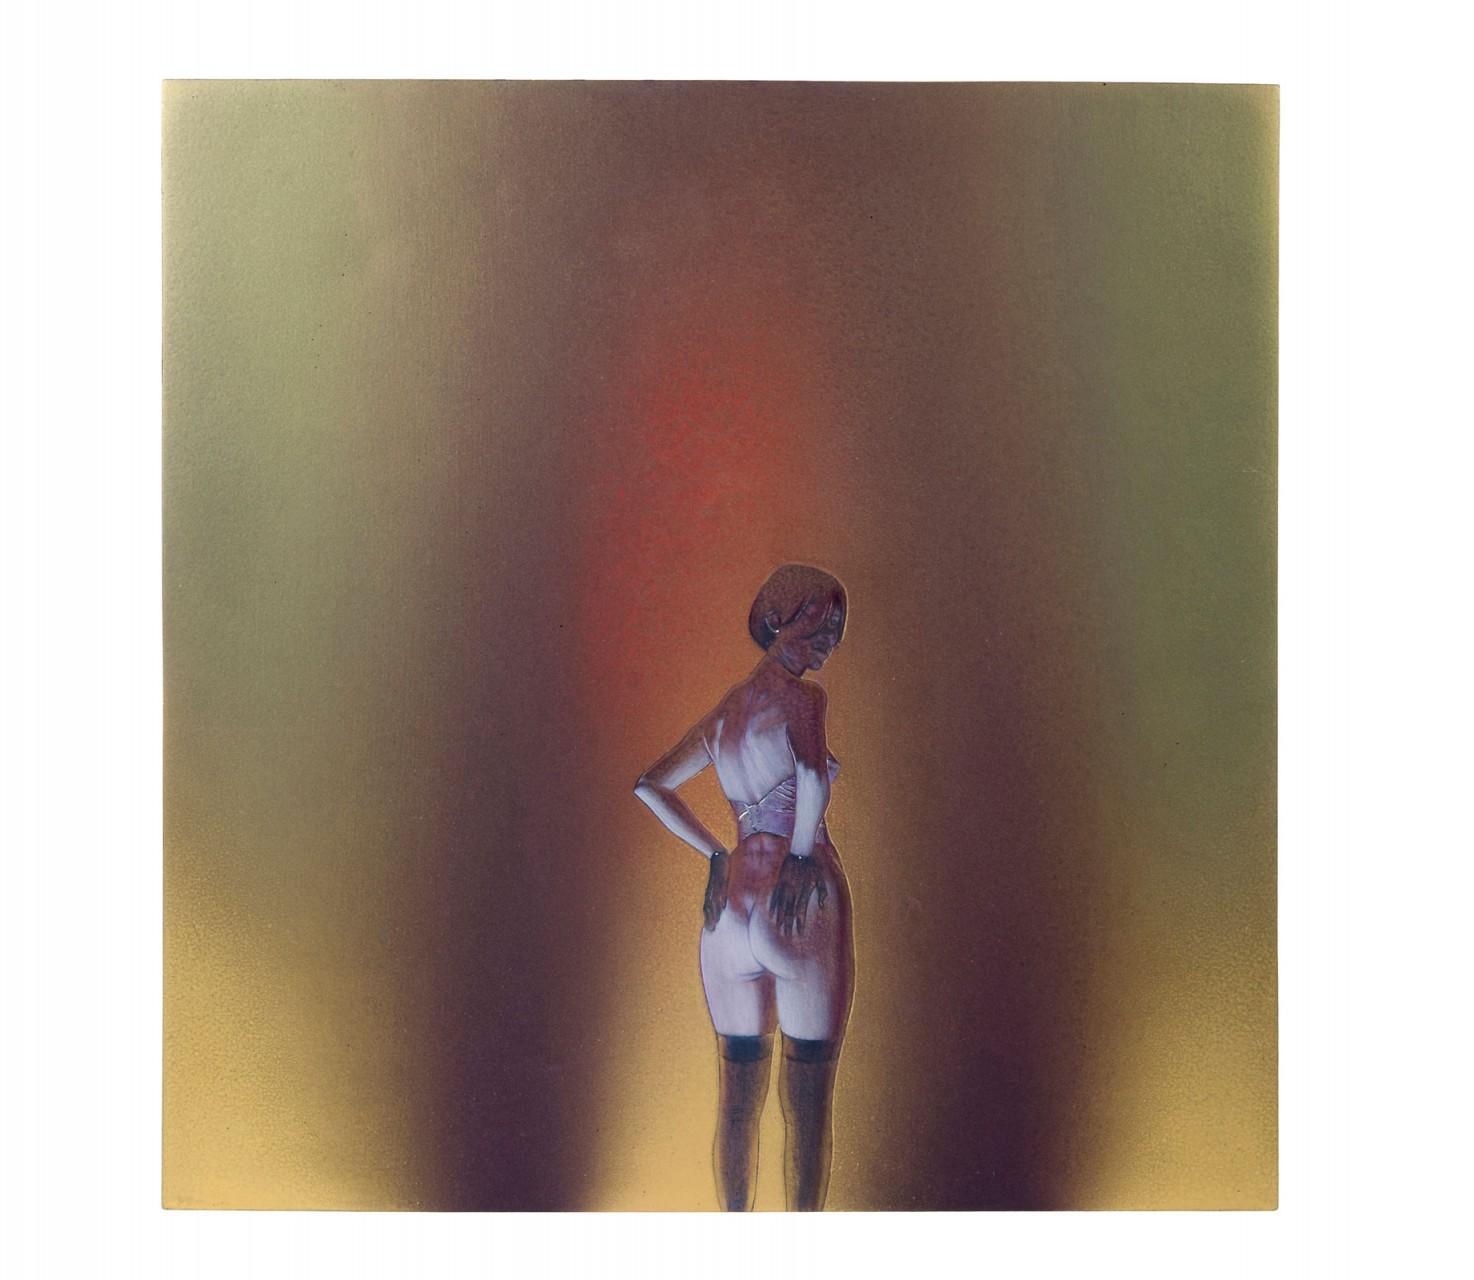 tre perle per T (quarta versione)  2010 - cm 50,5x61 - colori acrilici